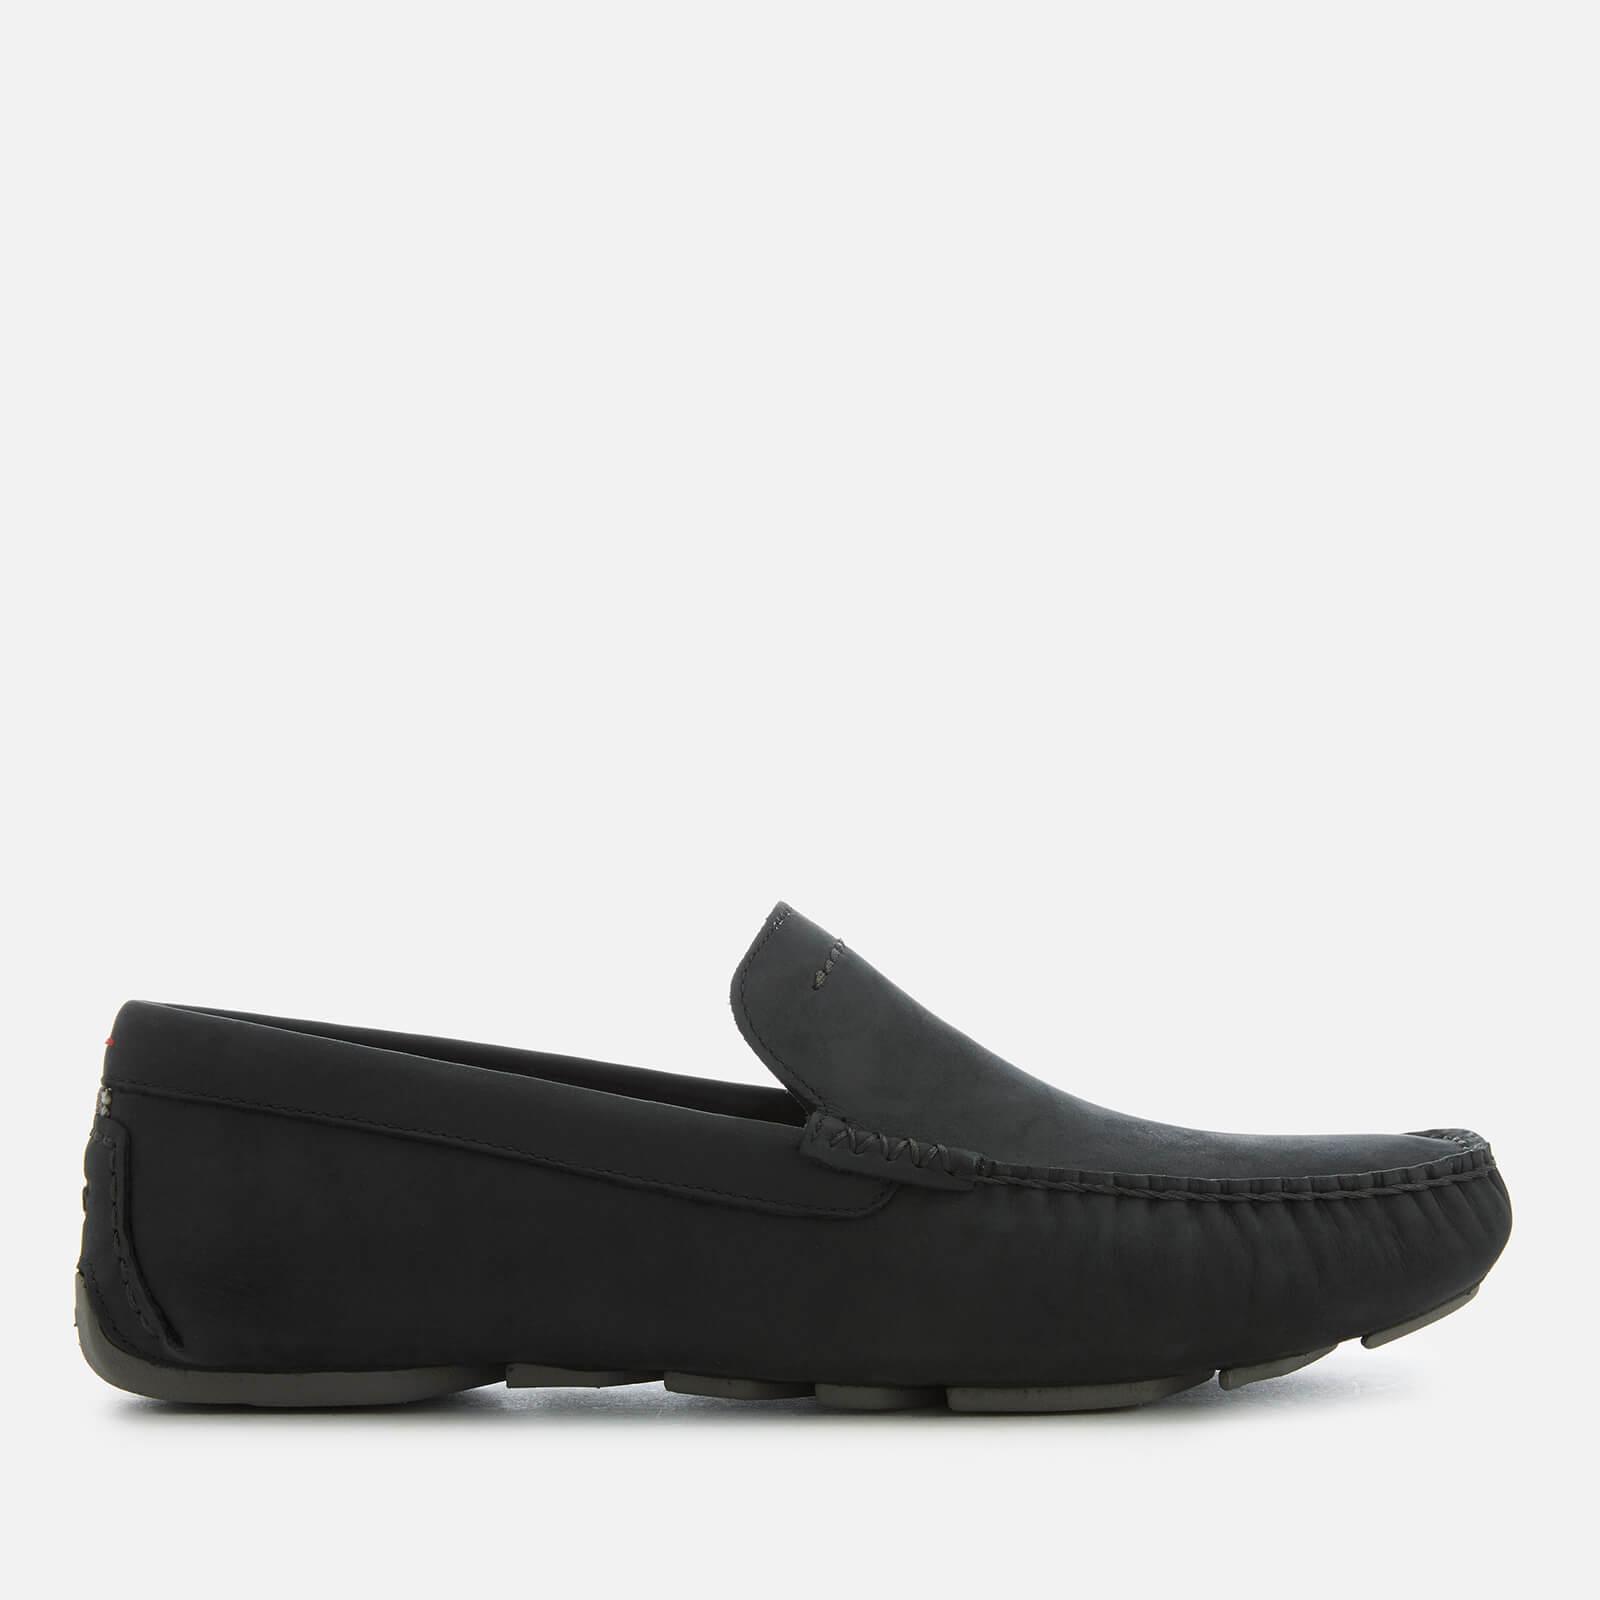 UGG Men's Henrick Driver Shoes - Black - UK 9